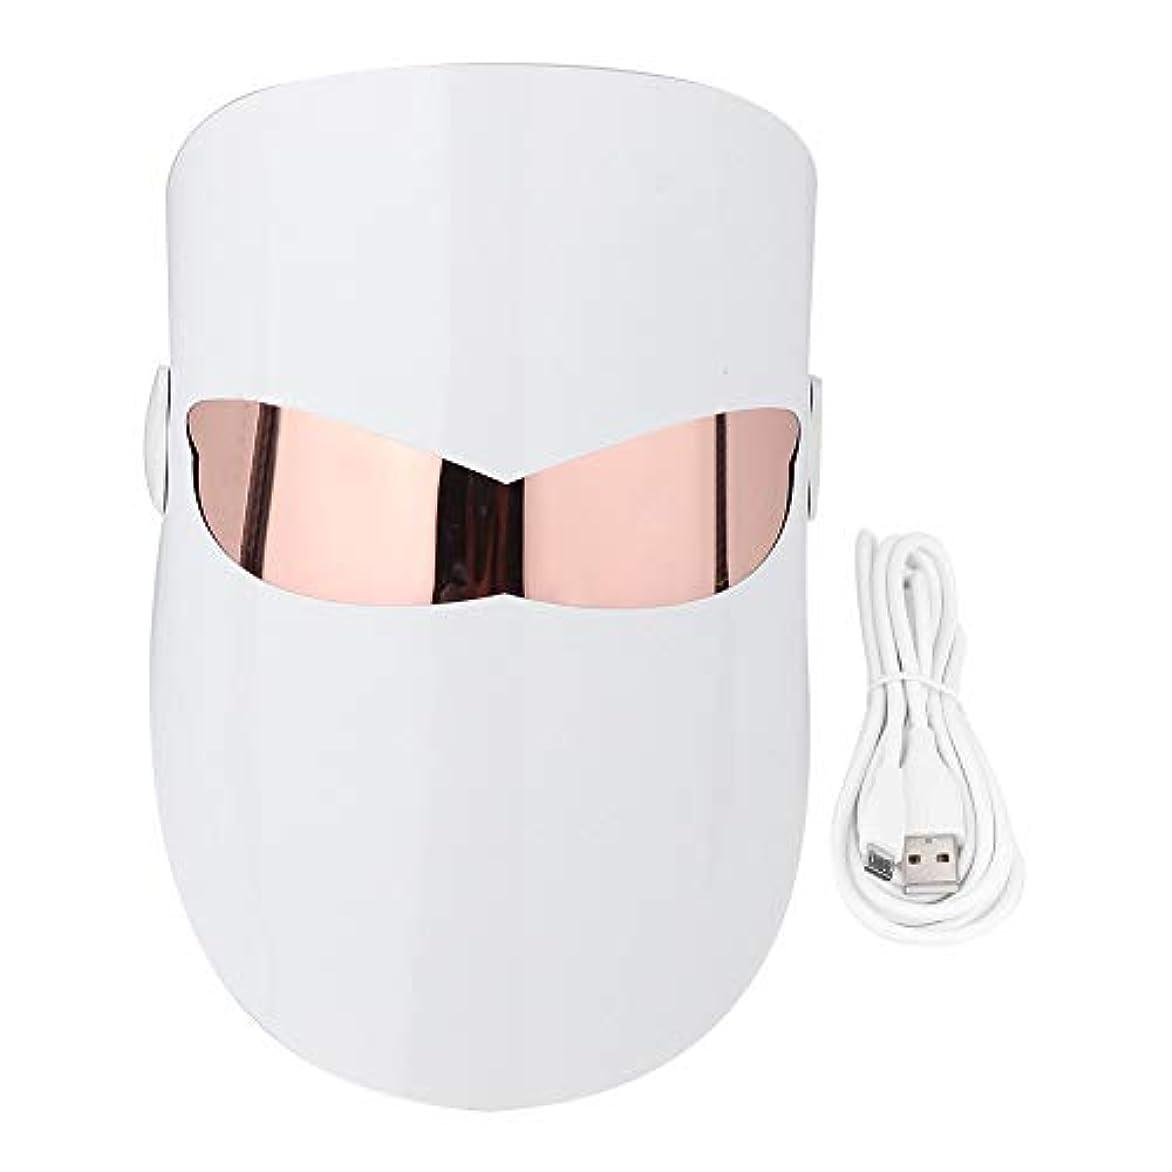 拡張借りる追うPhoton 32 LEDライトフェイスマスクホワイトニングリジュビネーションマッサージ栄養コラーゲン回復にきび除去スパ美容機器フェイス&ネックスキンケアマスク